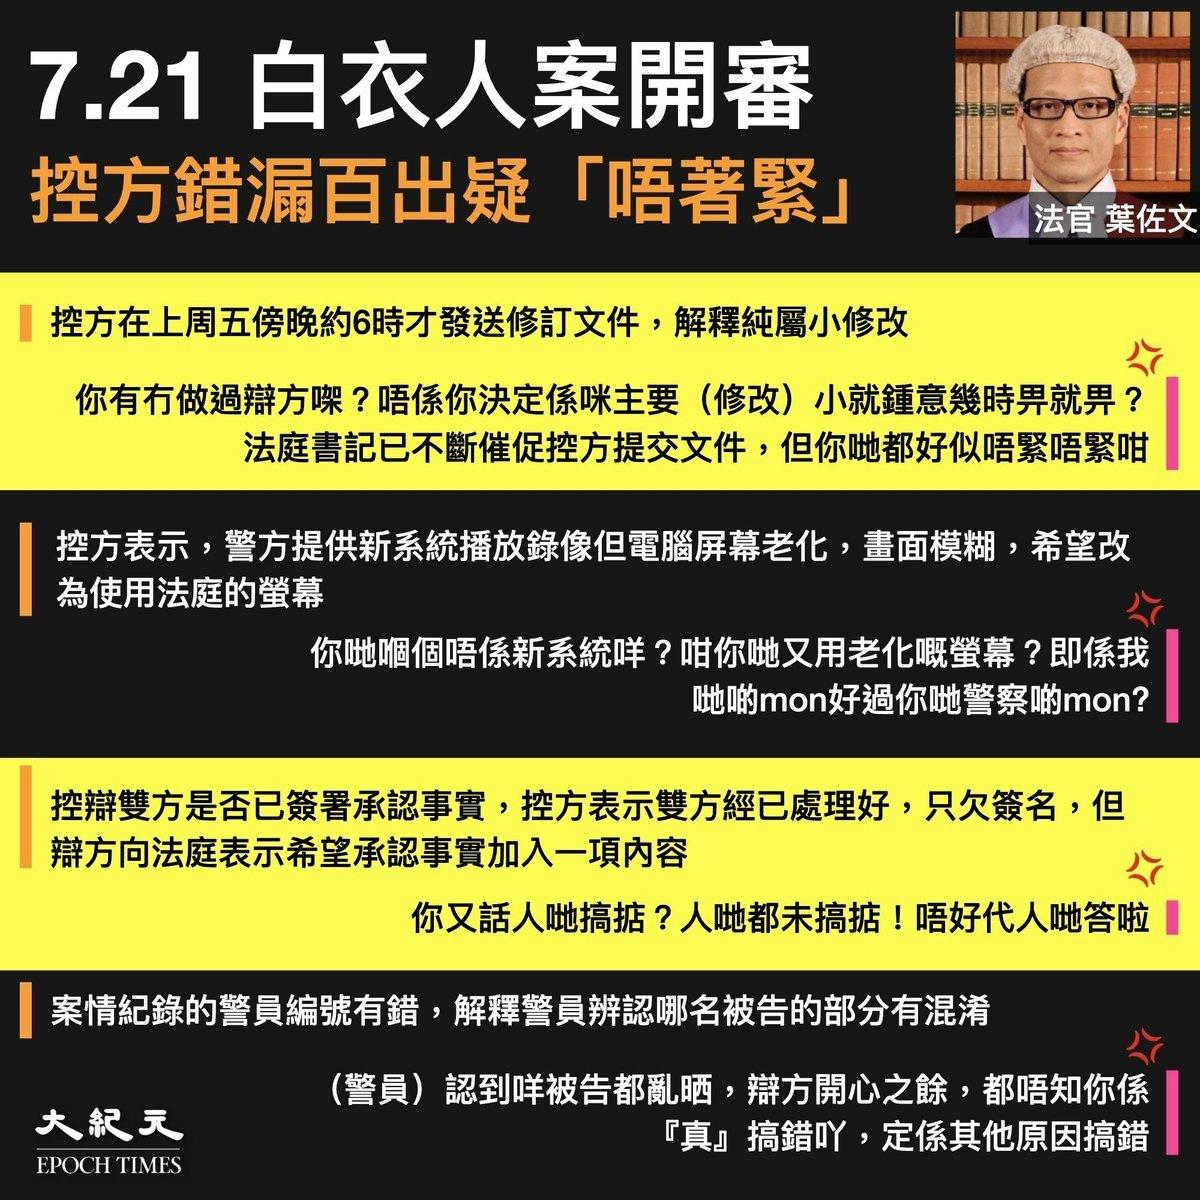 721白衣人襲擊市民事件今(2月22日)開庭審理,法官葉佐文斥控方多次出錯,疑對案件不著緊。(大紀元製圖)